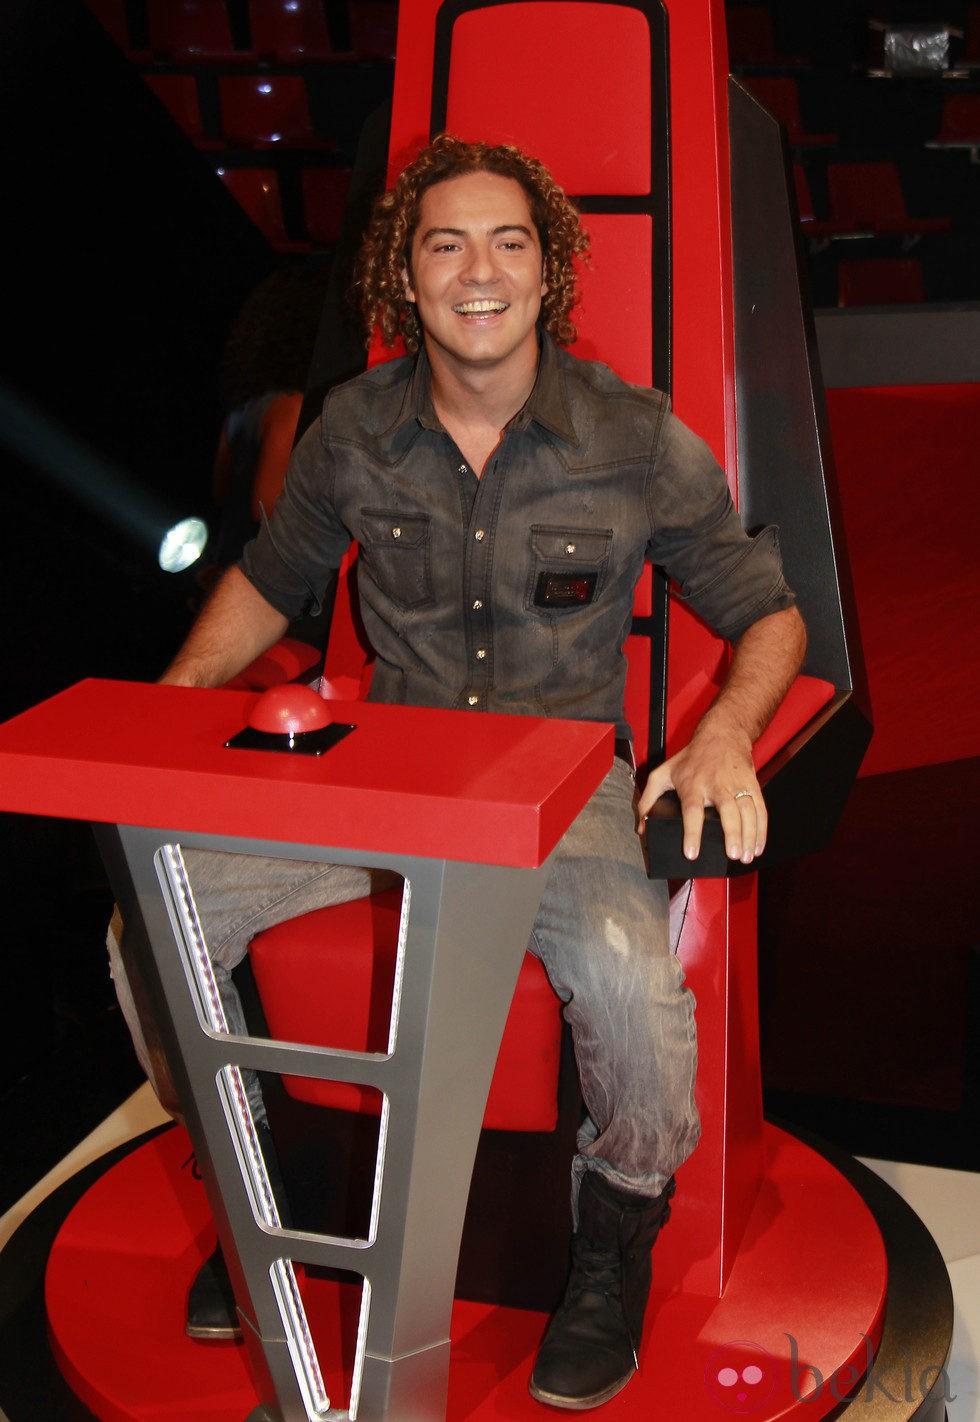 David Bisbal en su silla de 'coach' durante la presentación de 'La Voz', el nuevo programa de Telecinco